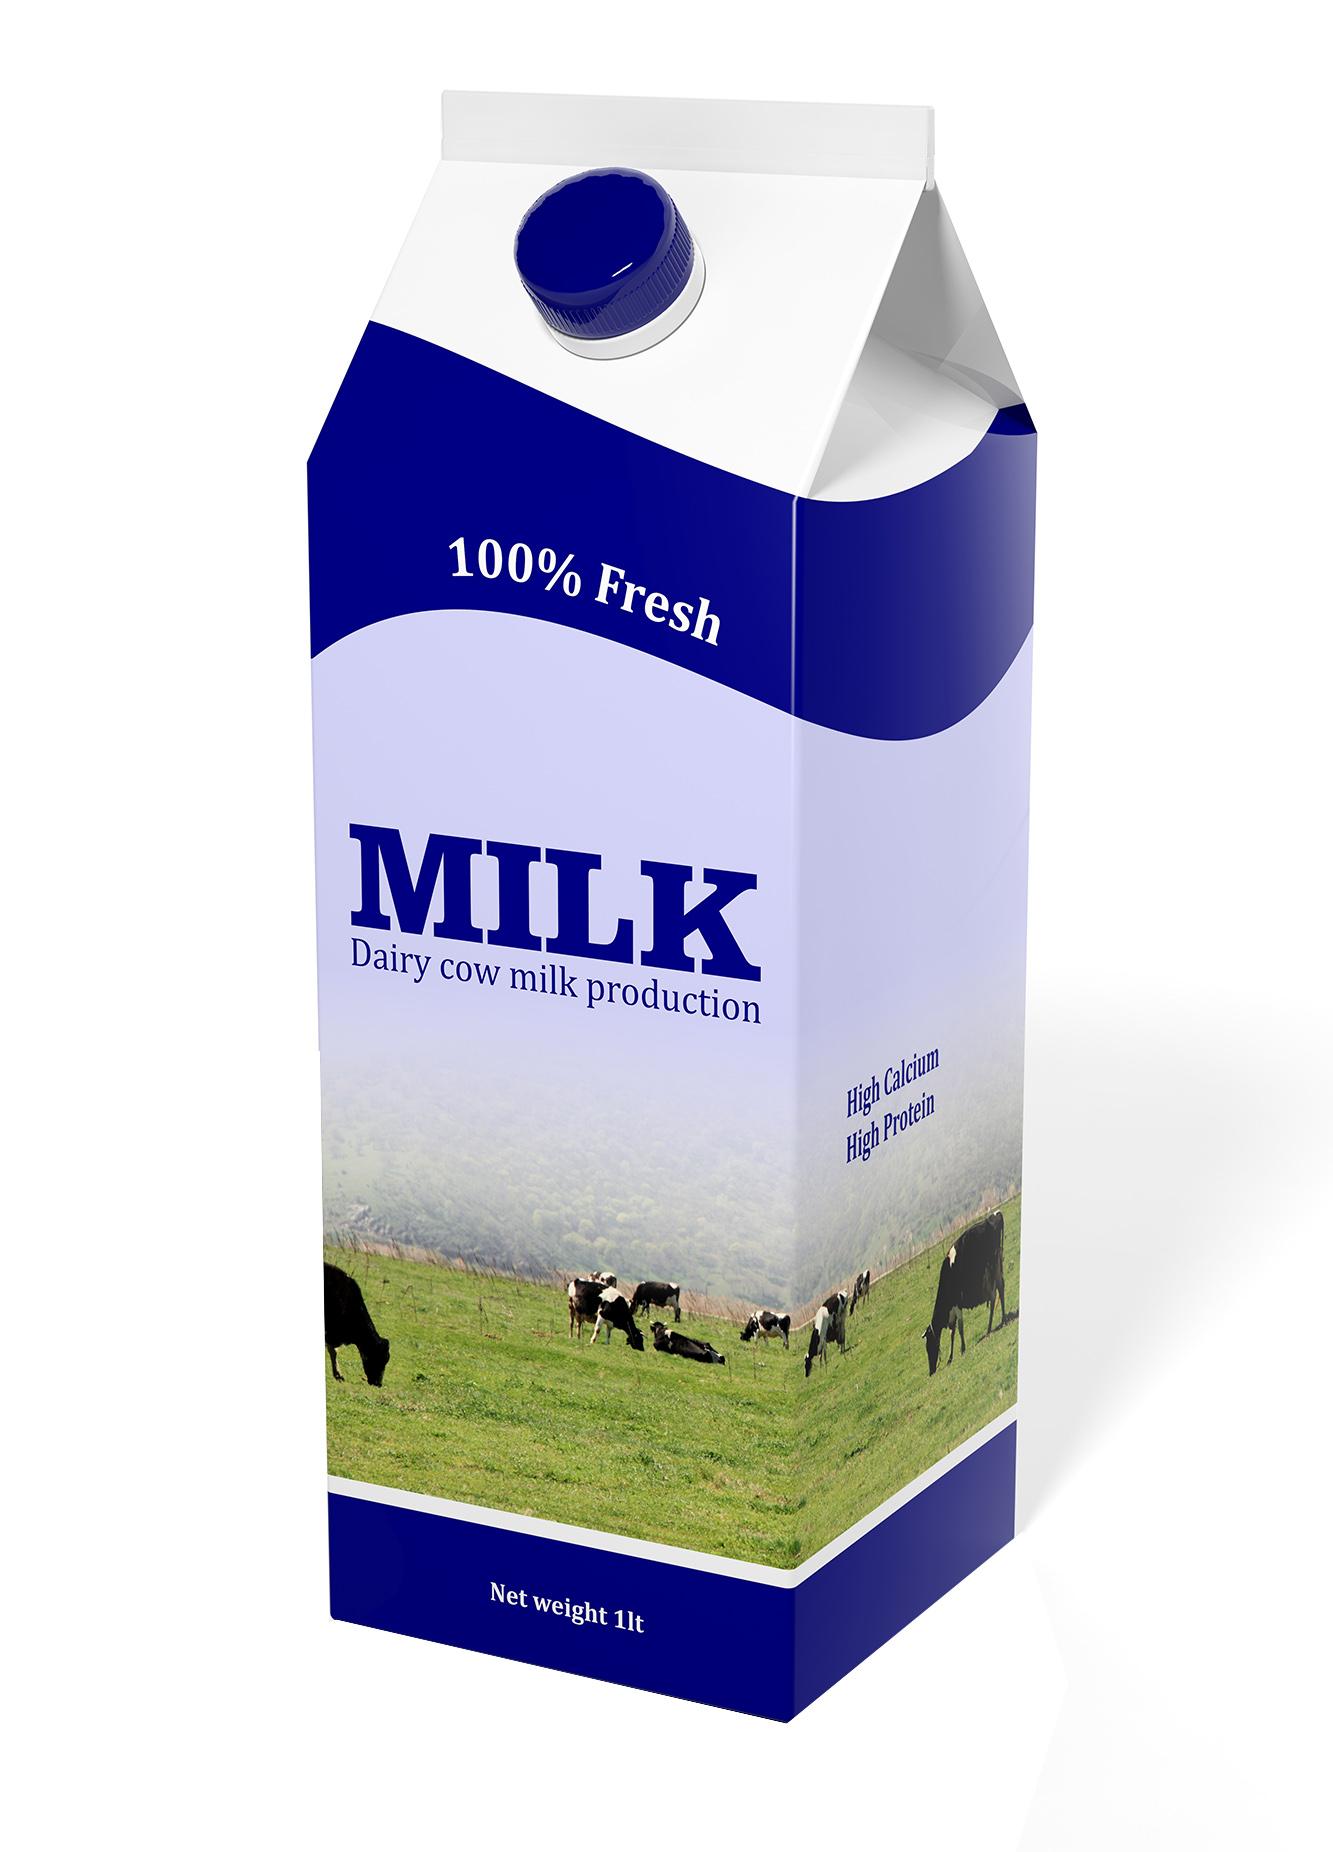 milkbox2.jpg